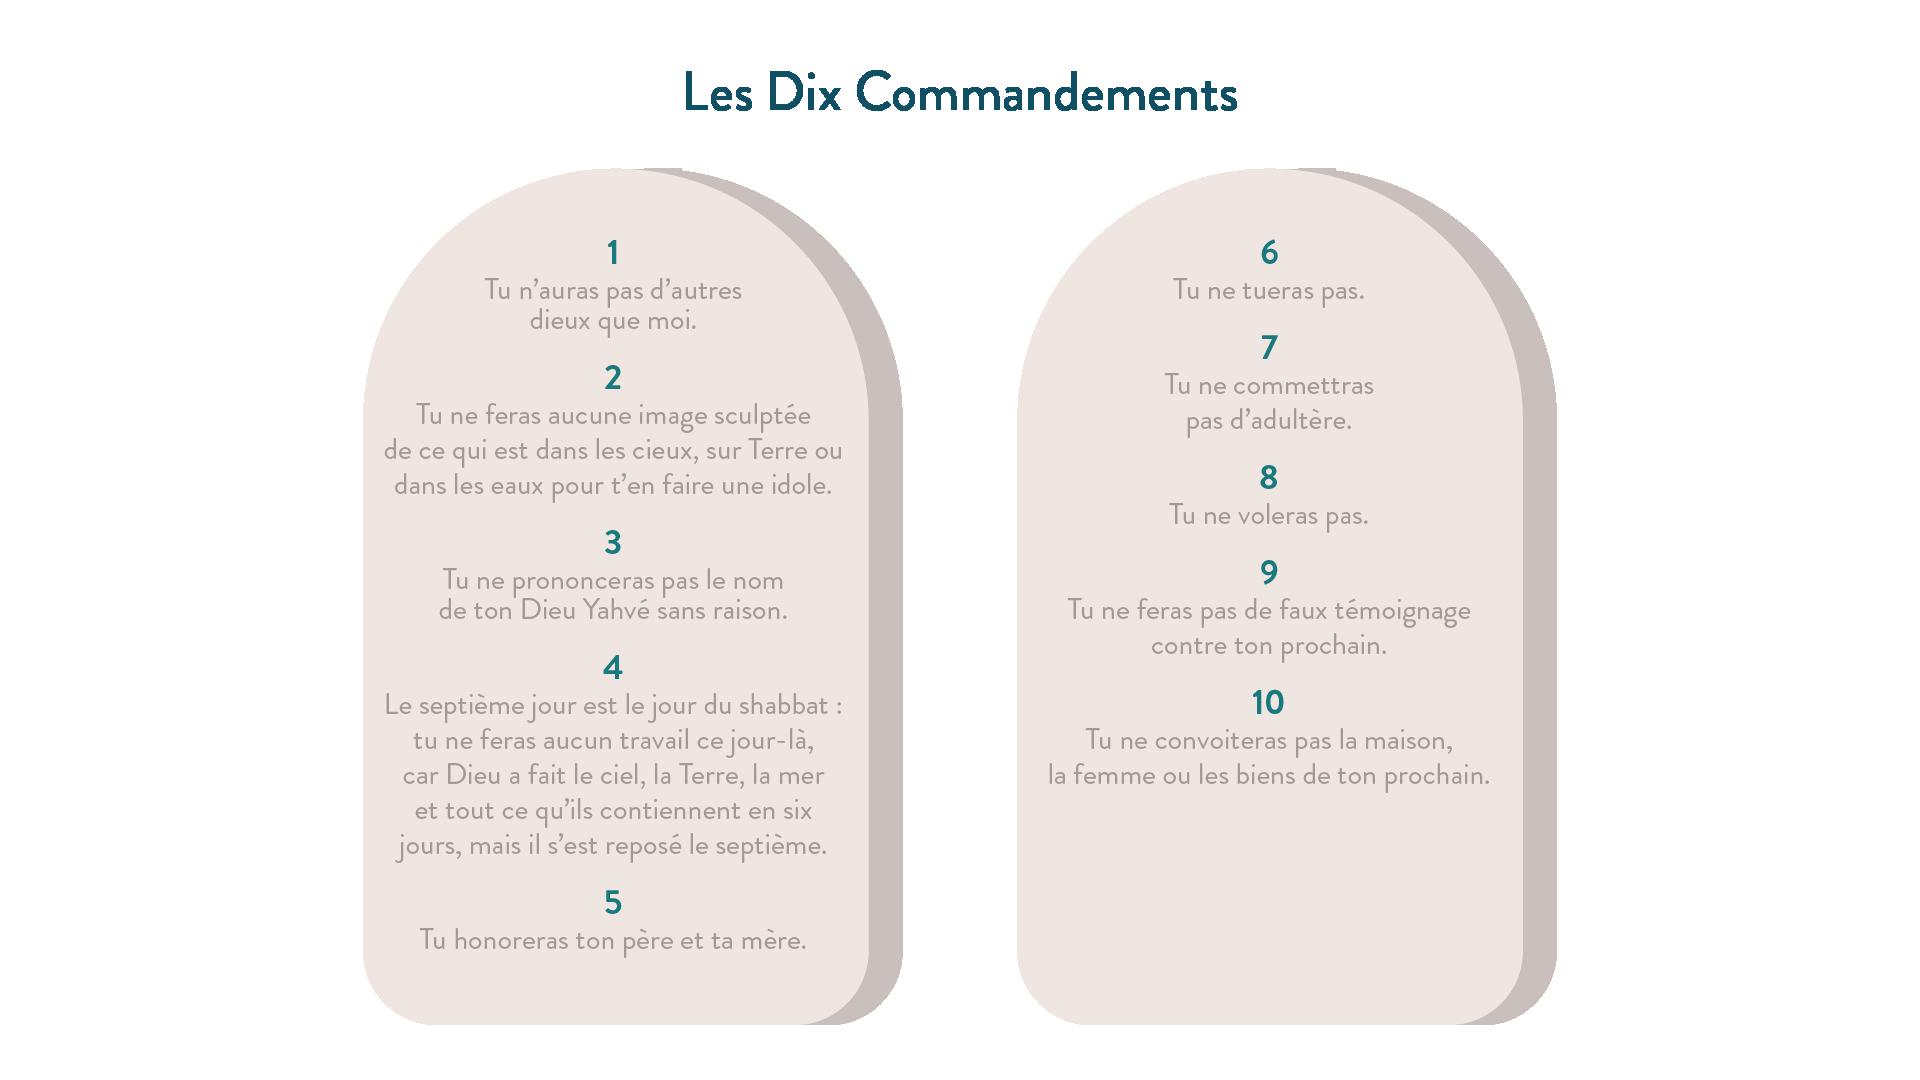 Les Dix Commandements-histoire-6e